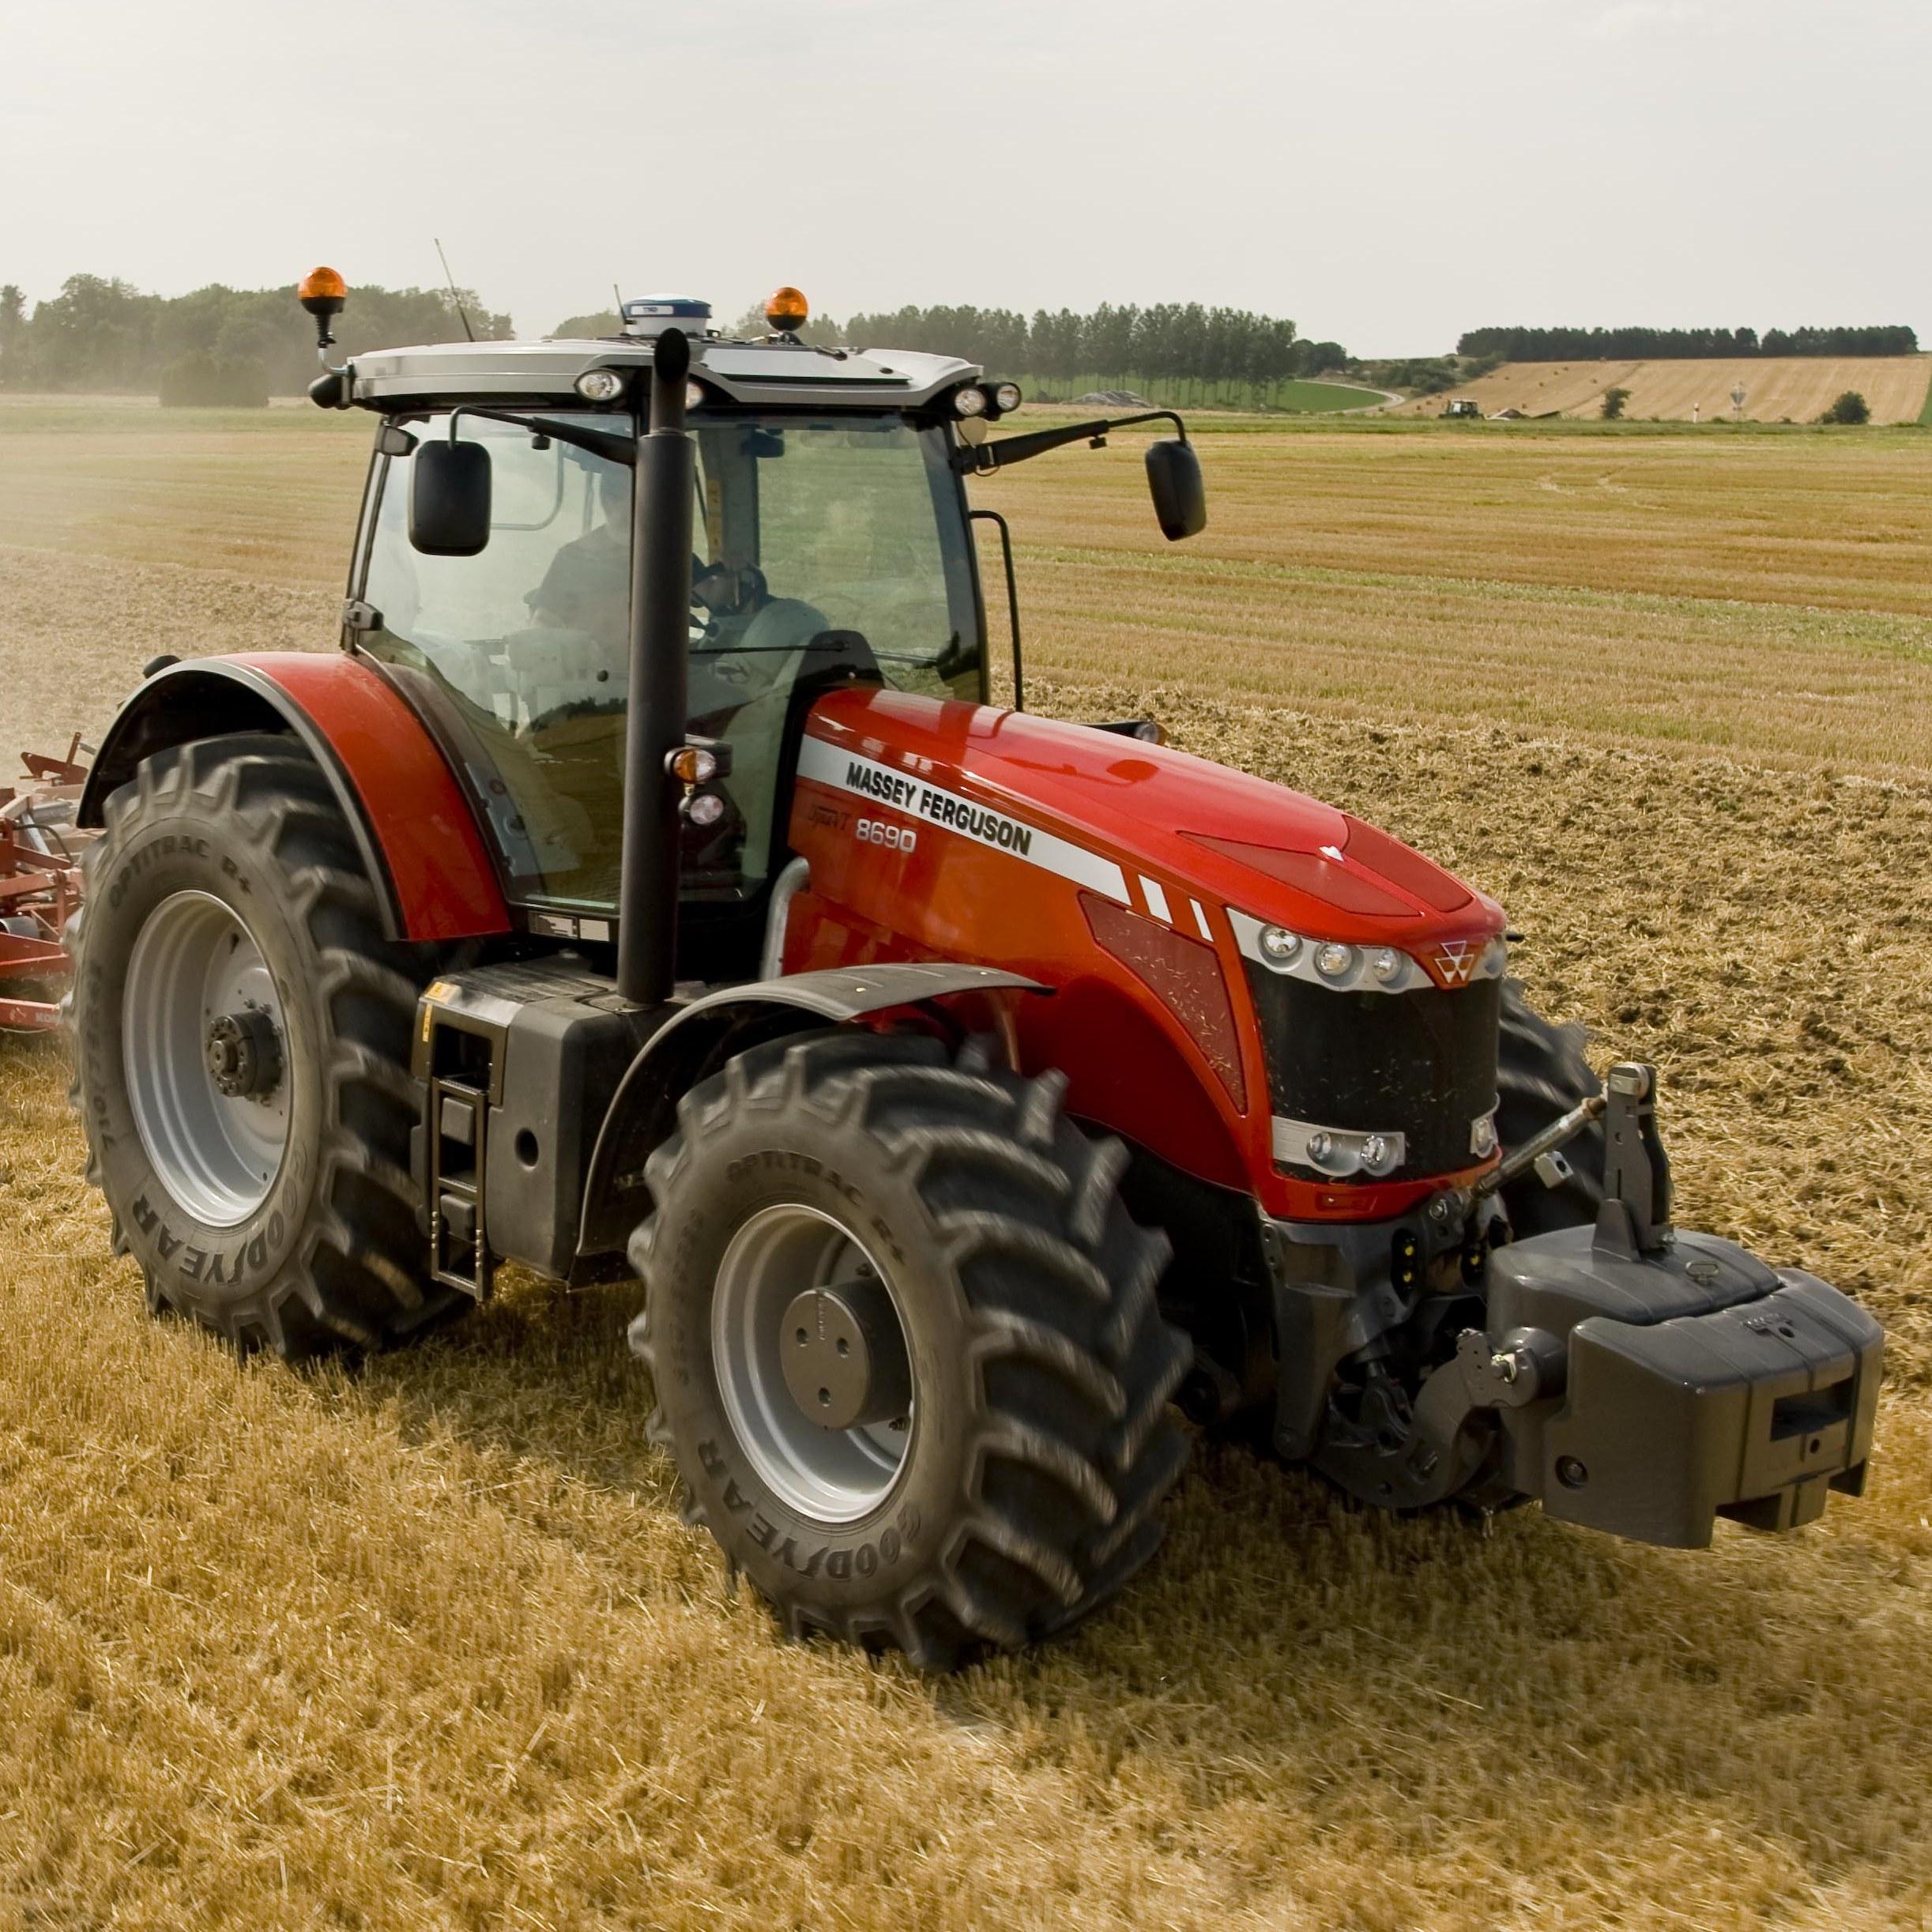 Fiche technique tracteur massey ferguson 8680 de 2011 - Image tracteur ...